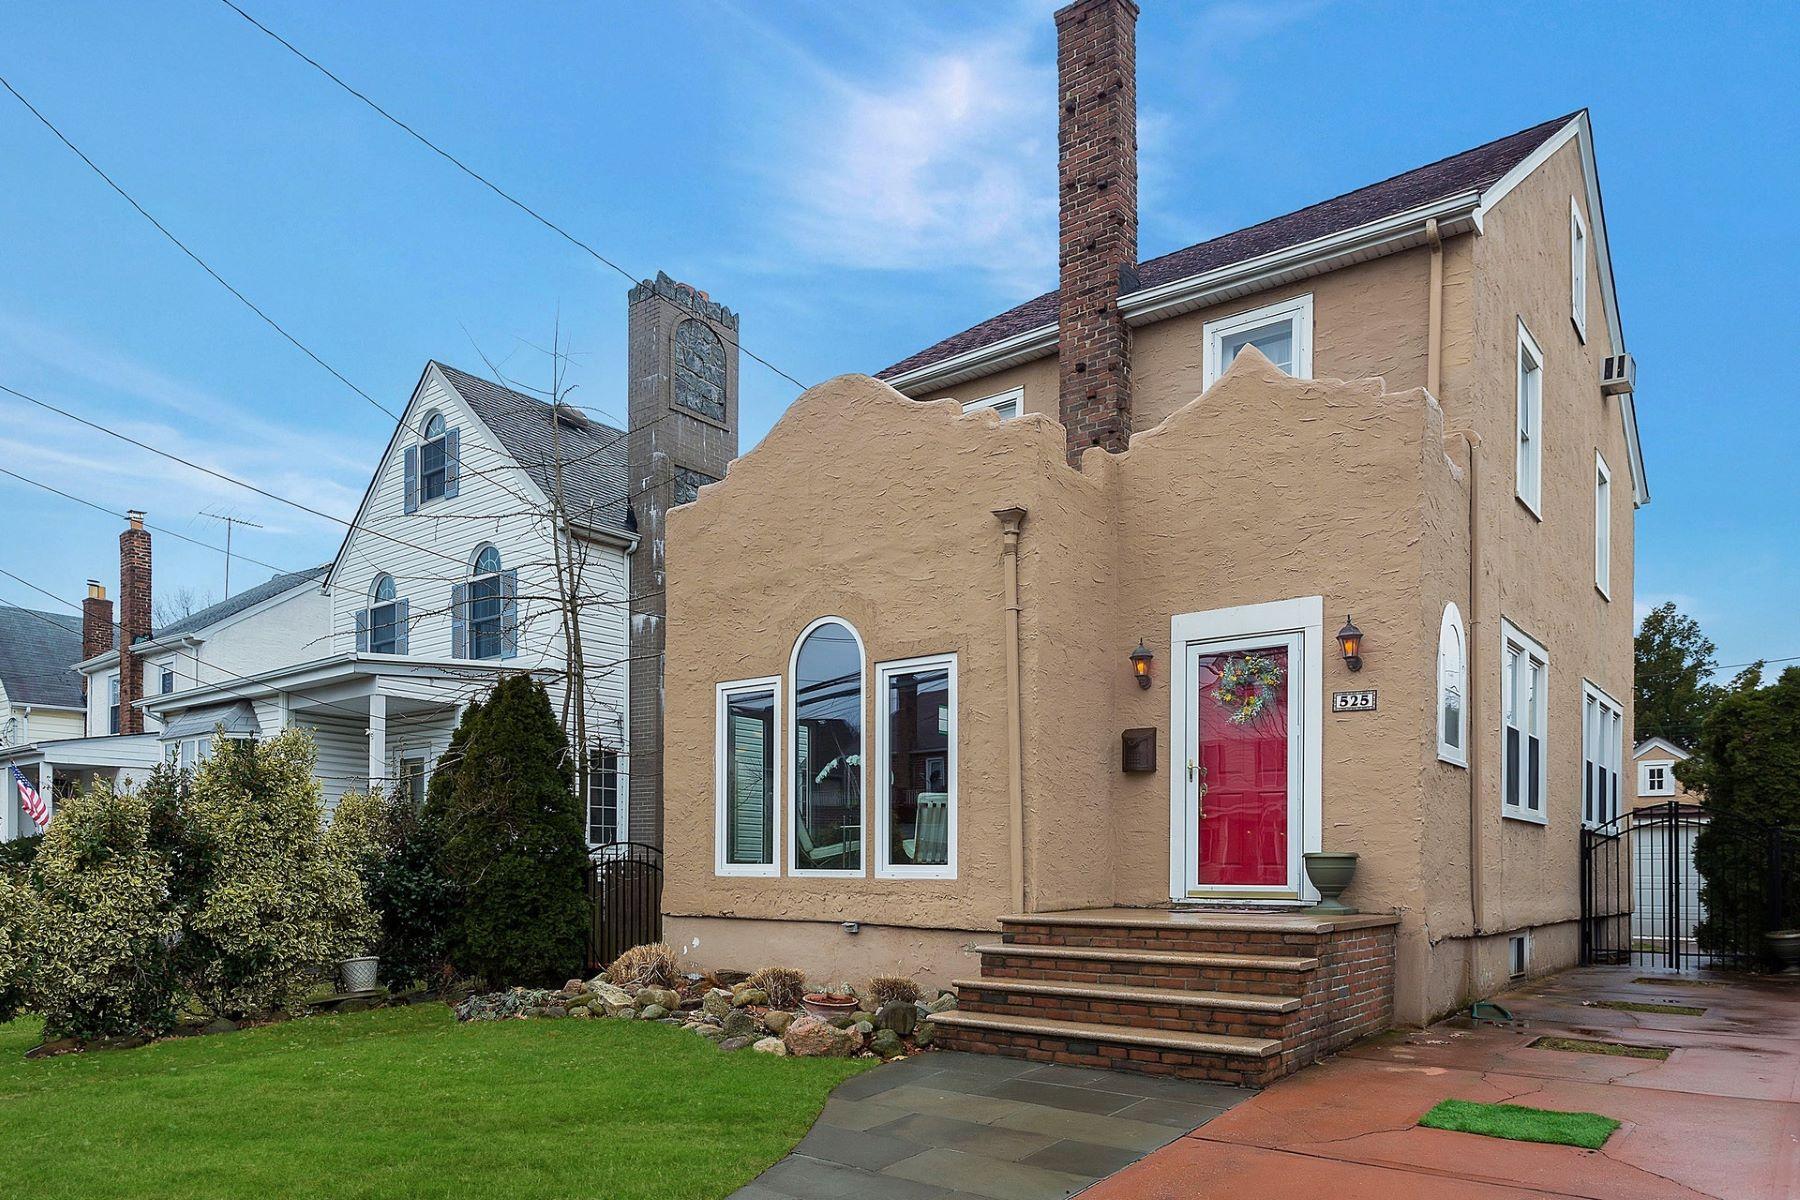 独户住宅 为 销售 在 525 Marcellus Rd , Williston Park, NY 11596 525 Marcellus Rd, 威利斯顿, 纽约州, 11596 美国